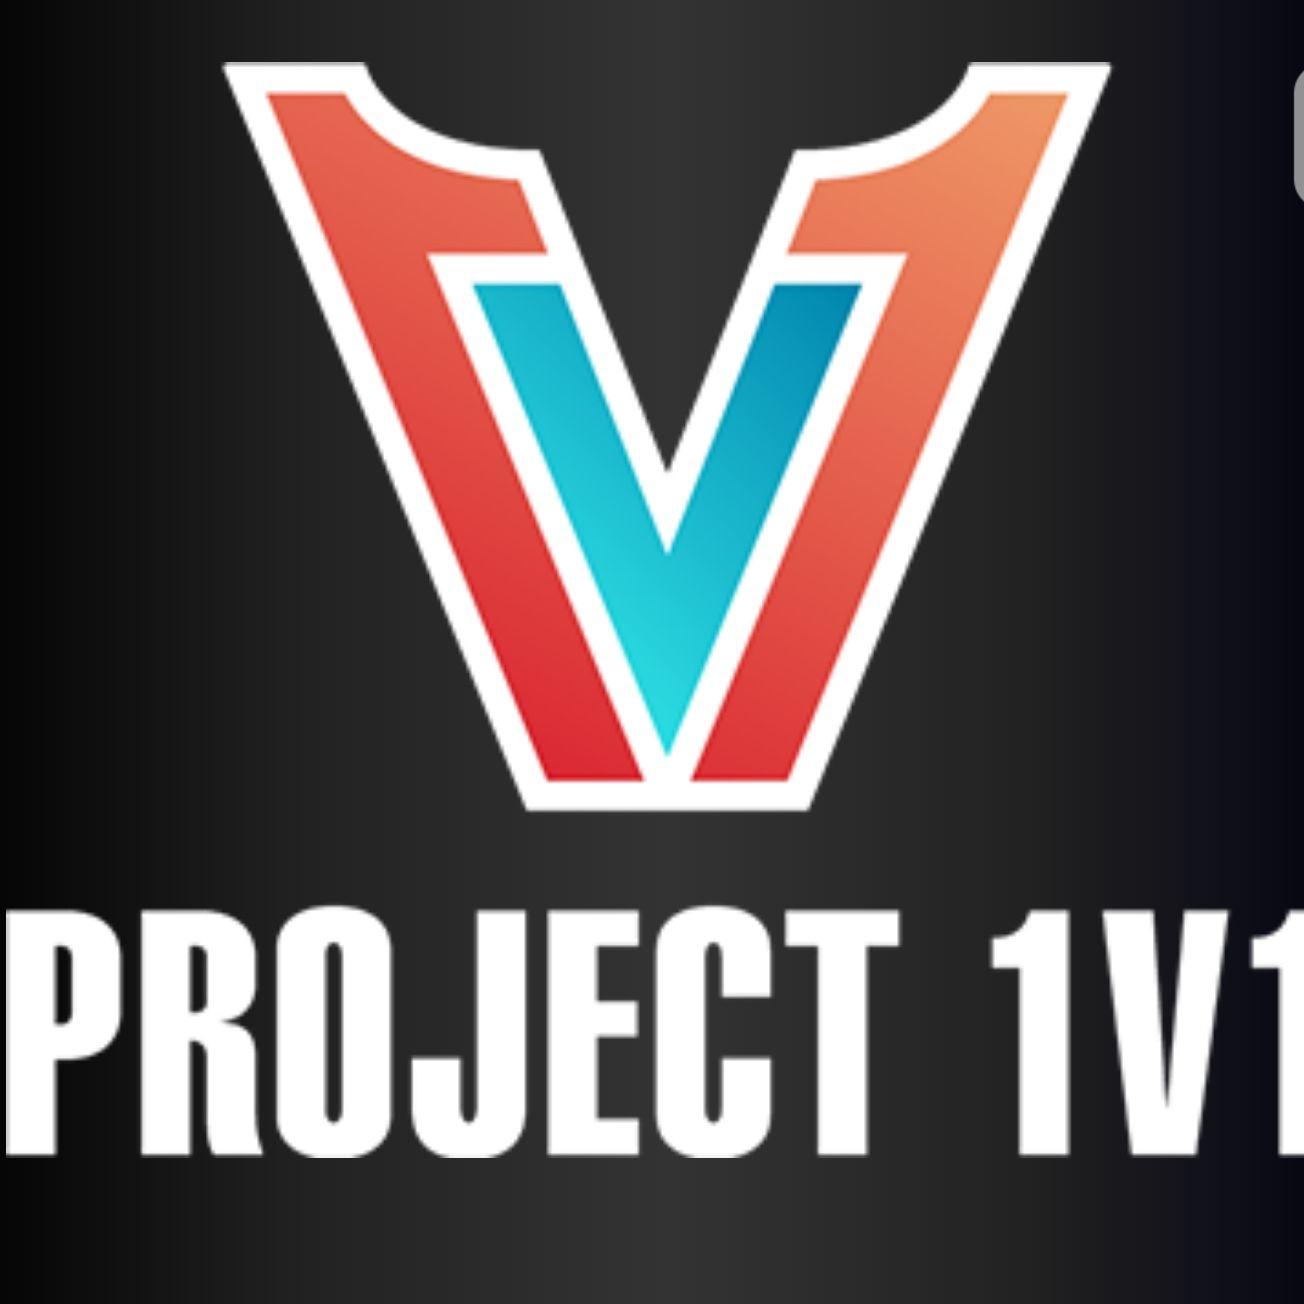 Project1v1 Steam Keys